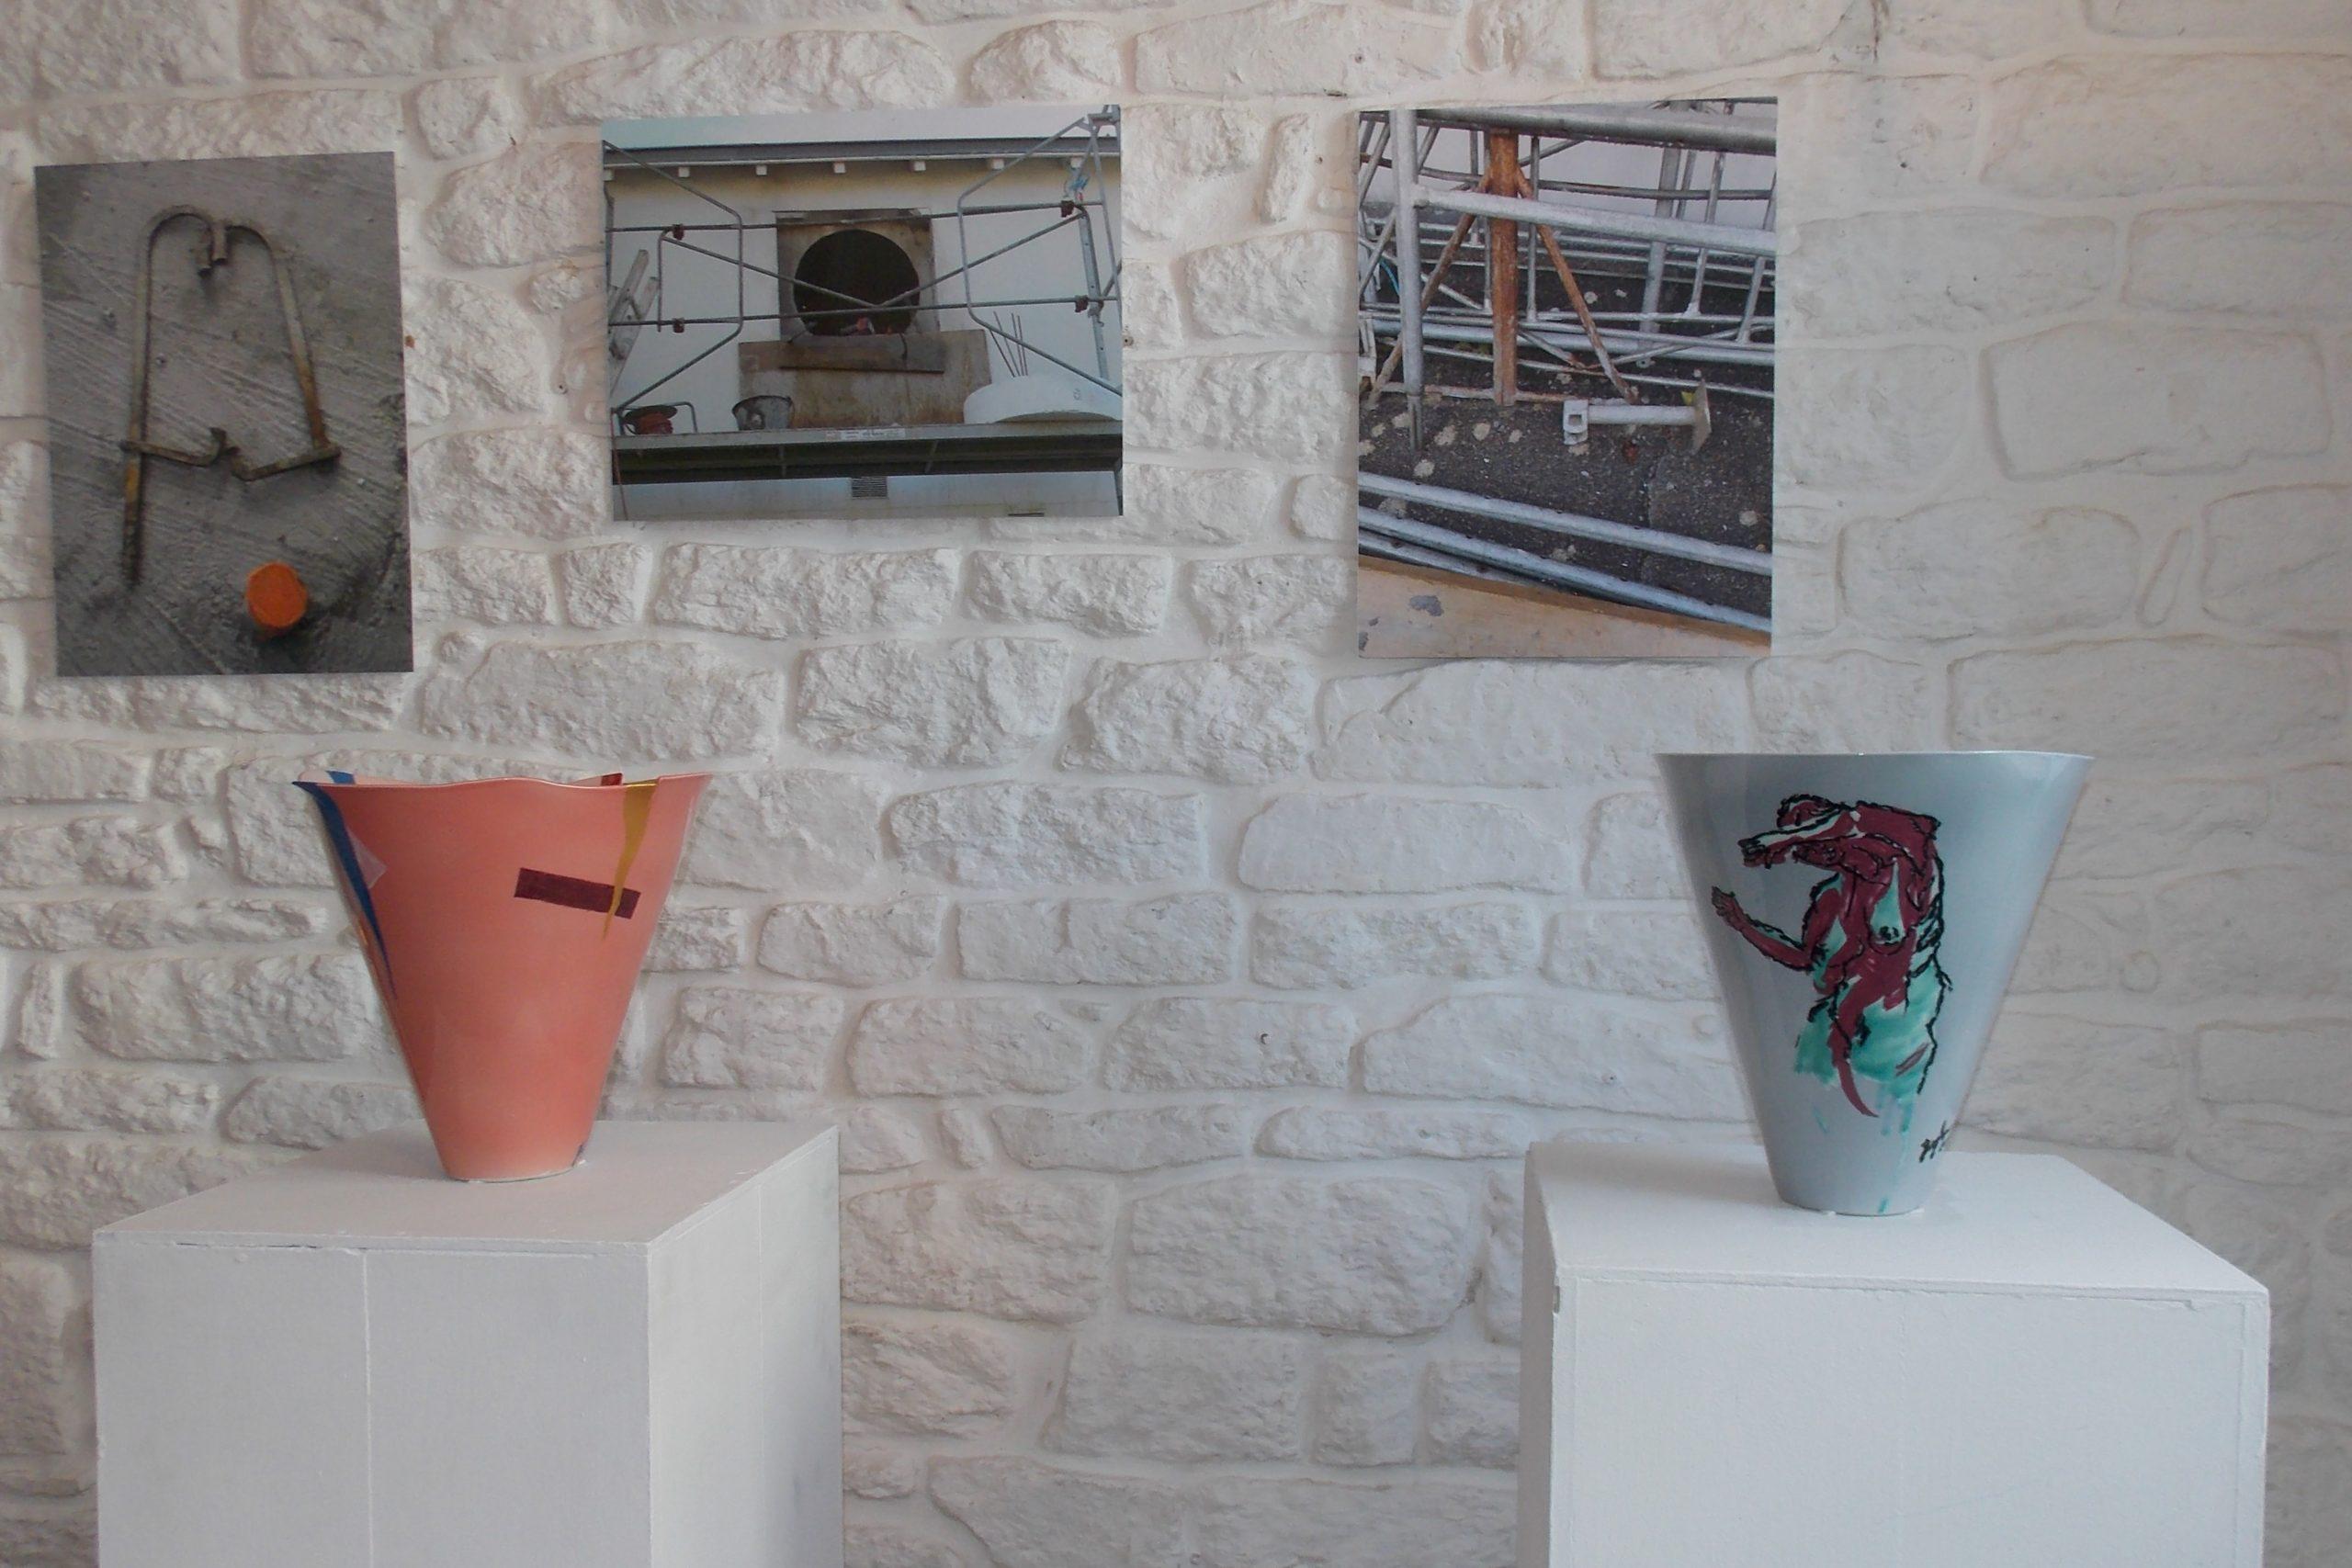 Joie et danseuse, deux vases à l'exposition mat et brillant, galerie rouge 2019